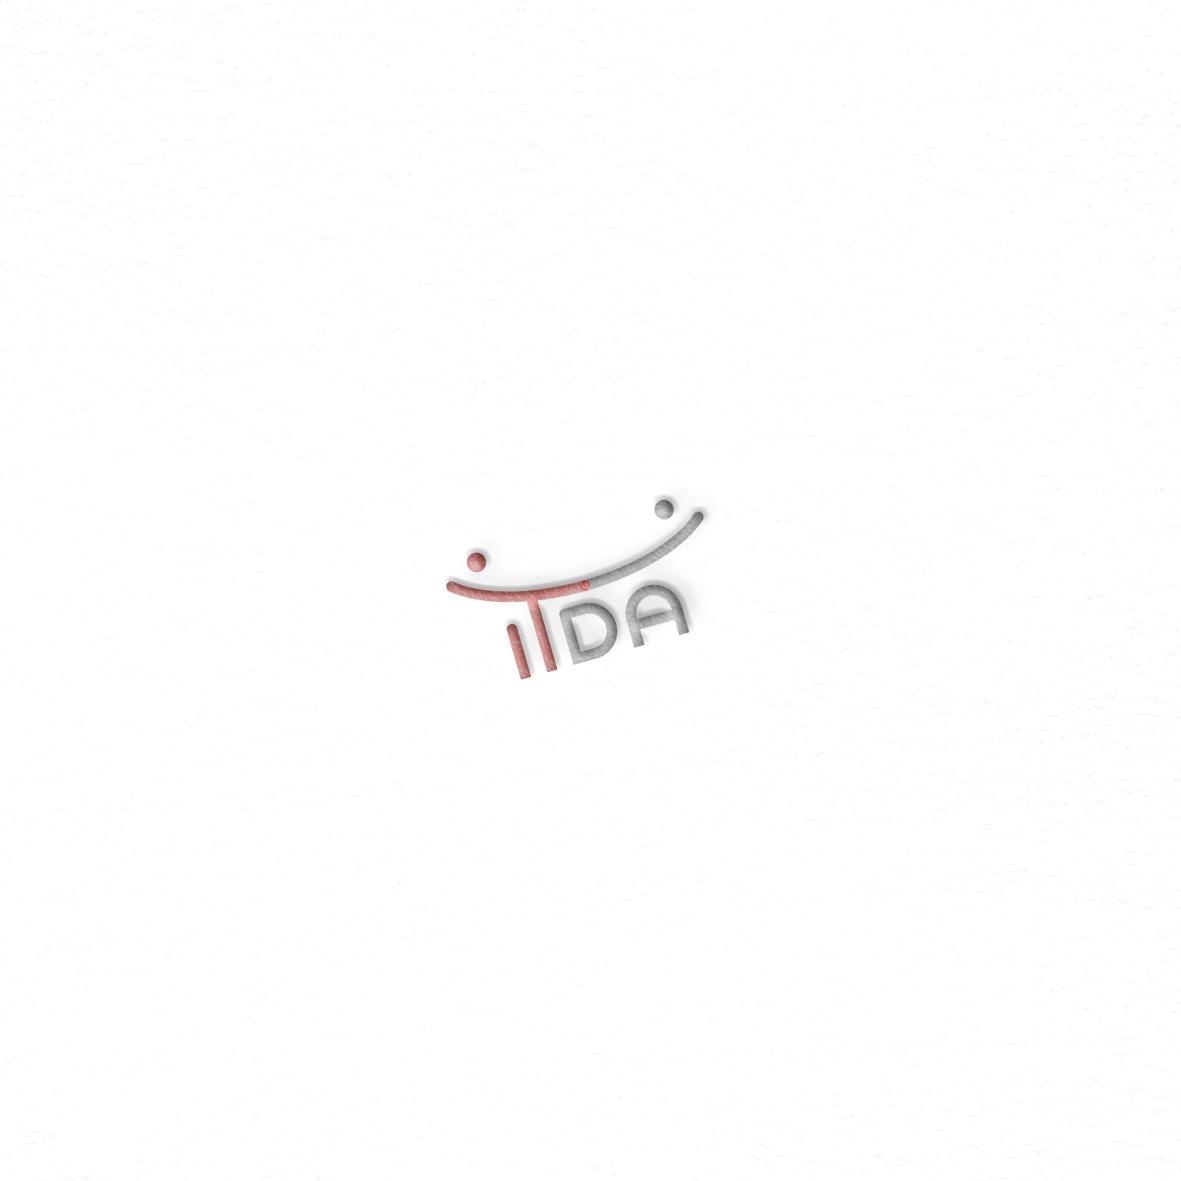 잇다 ITDA 로고 디자인 시안